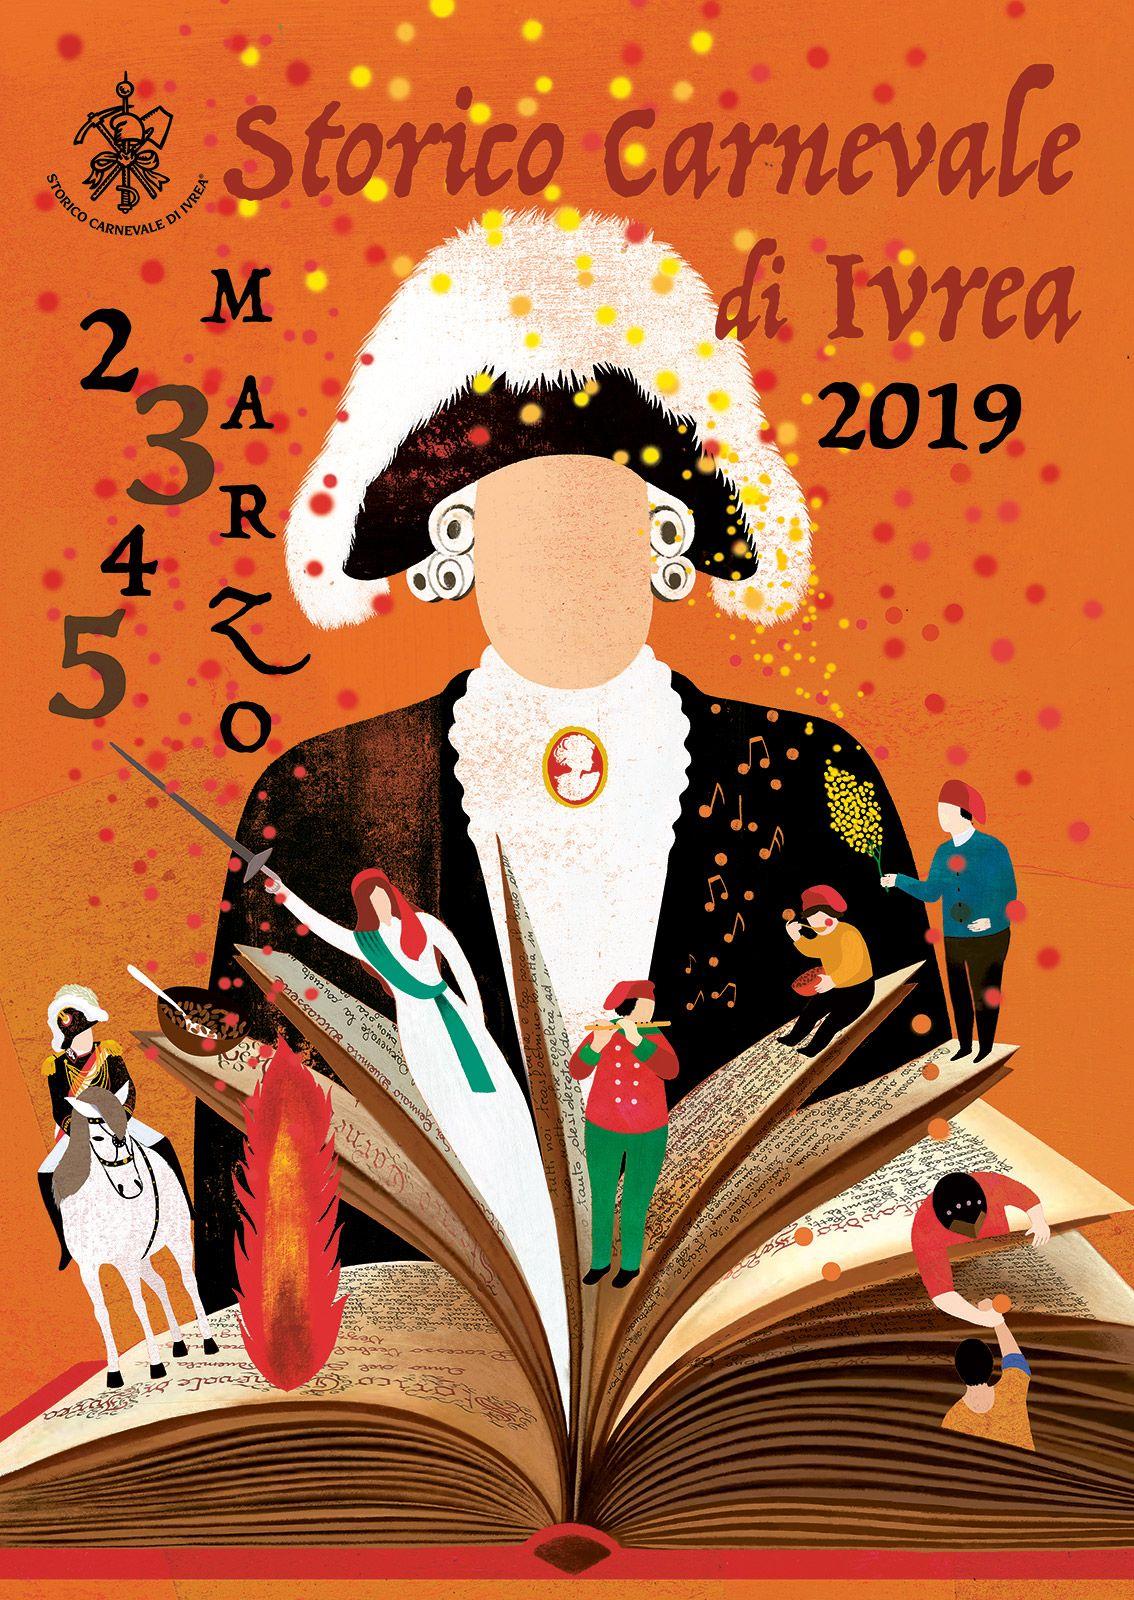 CARNEVALE DI IVREA - Il Libro dei Verbali al centro dell'immagine dell'edizione 2019